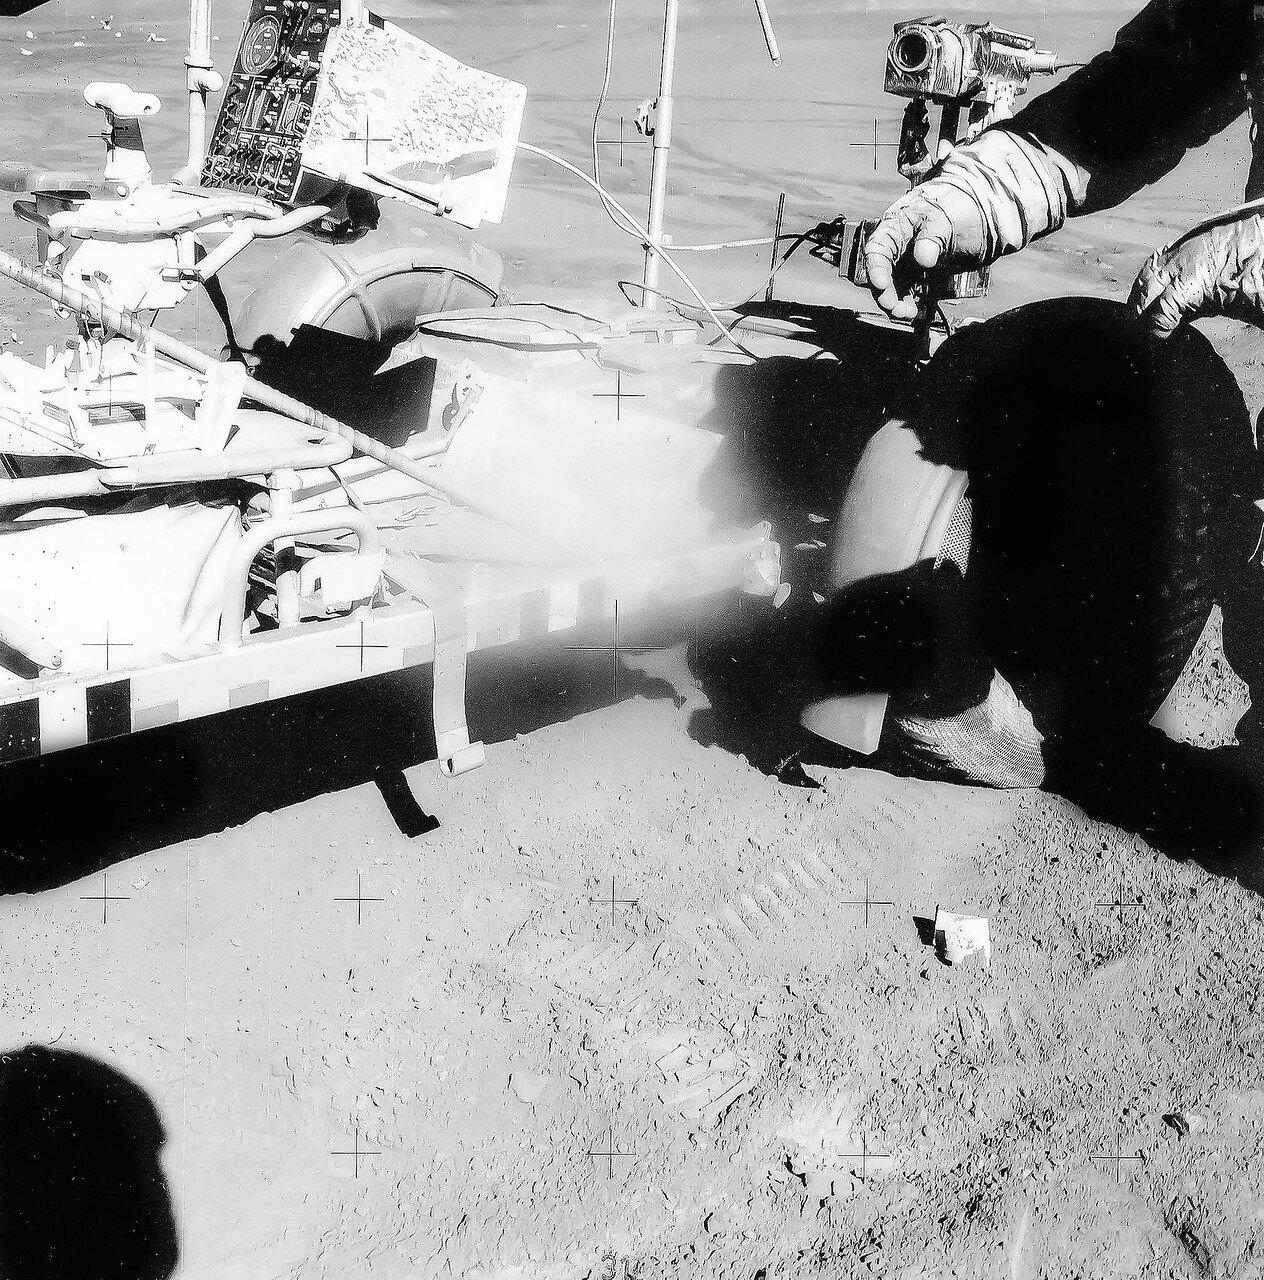 Затем Скотт смонтировал на «Ровере» и подключил лунный передатчик информации, устройство дистанционного управления телекамерой, саму телекамеру и обе антенны, а Ирвин, тем временем, установил подставку для геологических инструментов и загрузил контейнеры